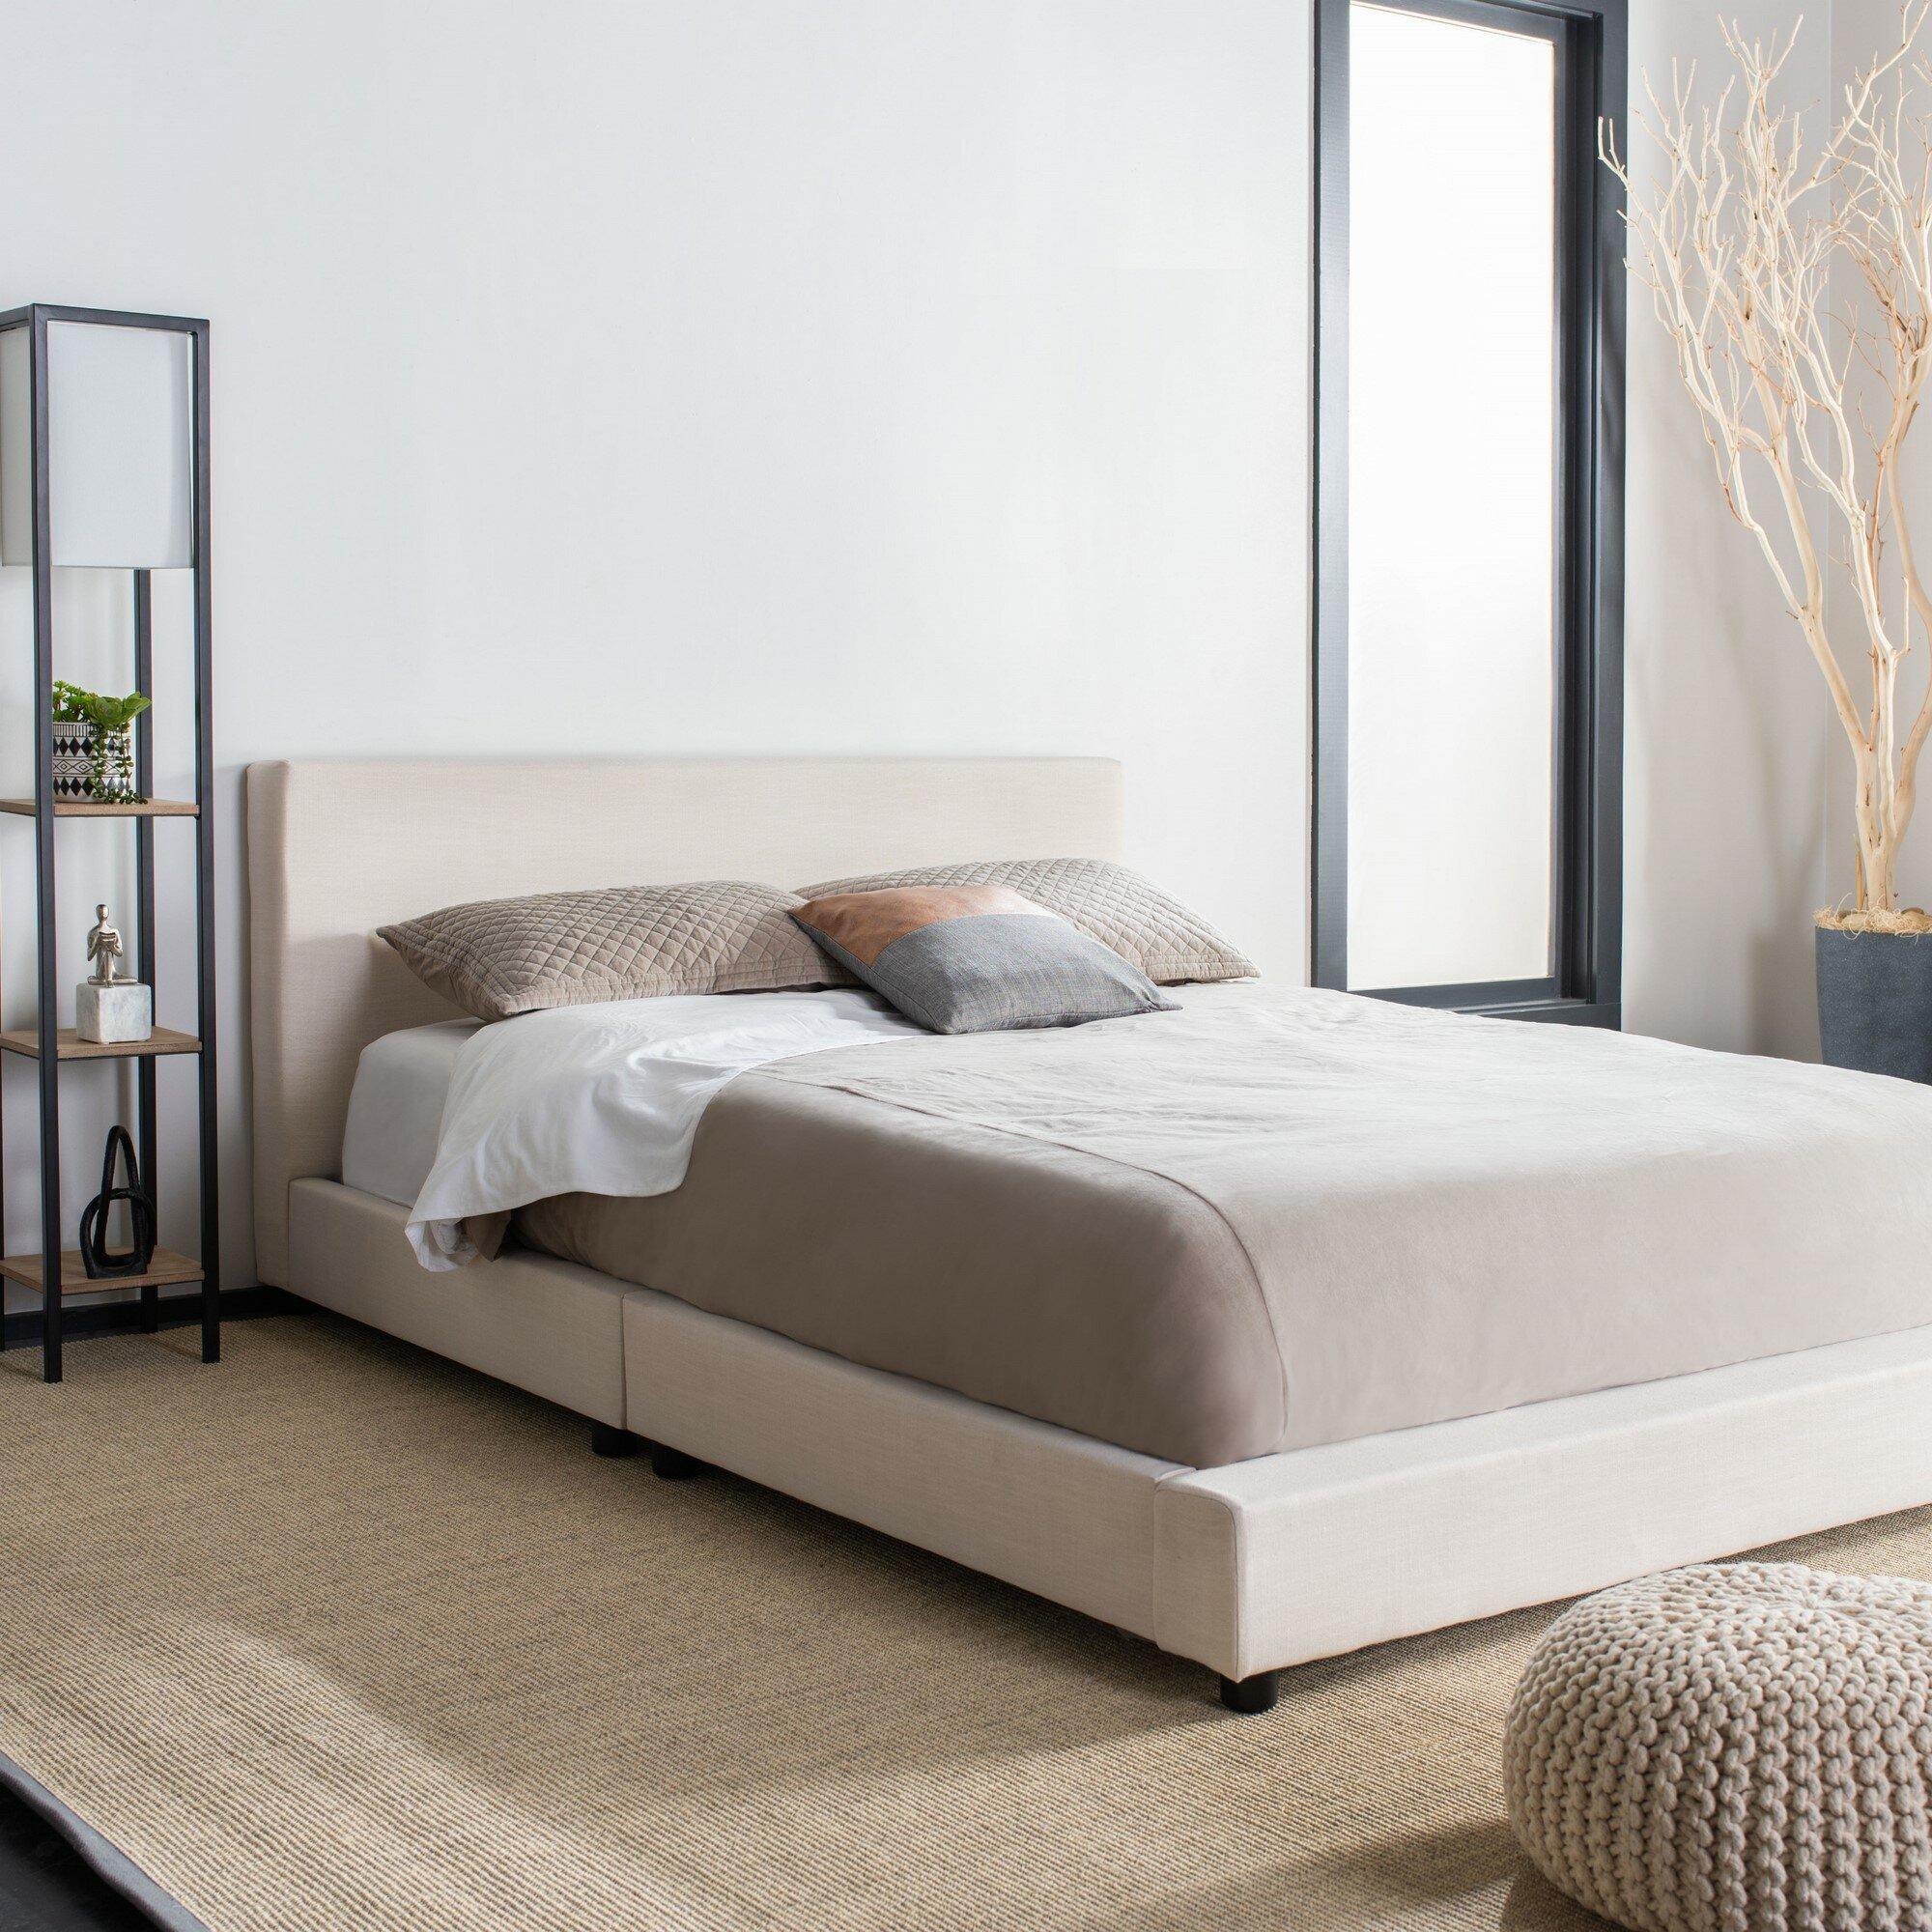 Movement Dawnview Upholstered Standard Bed Reviews Joss Main